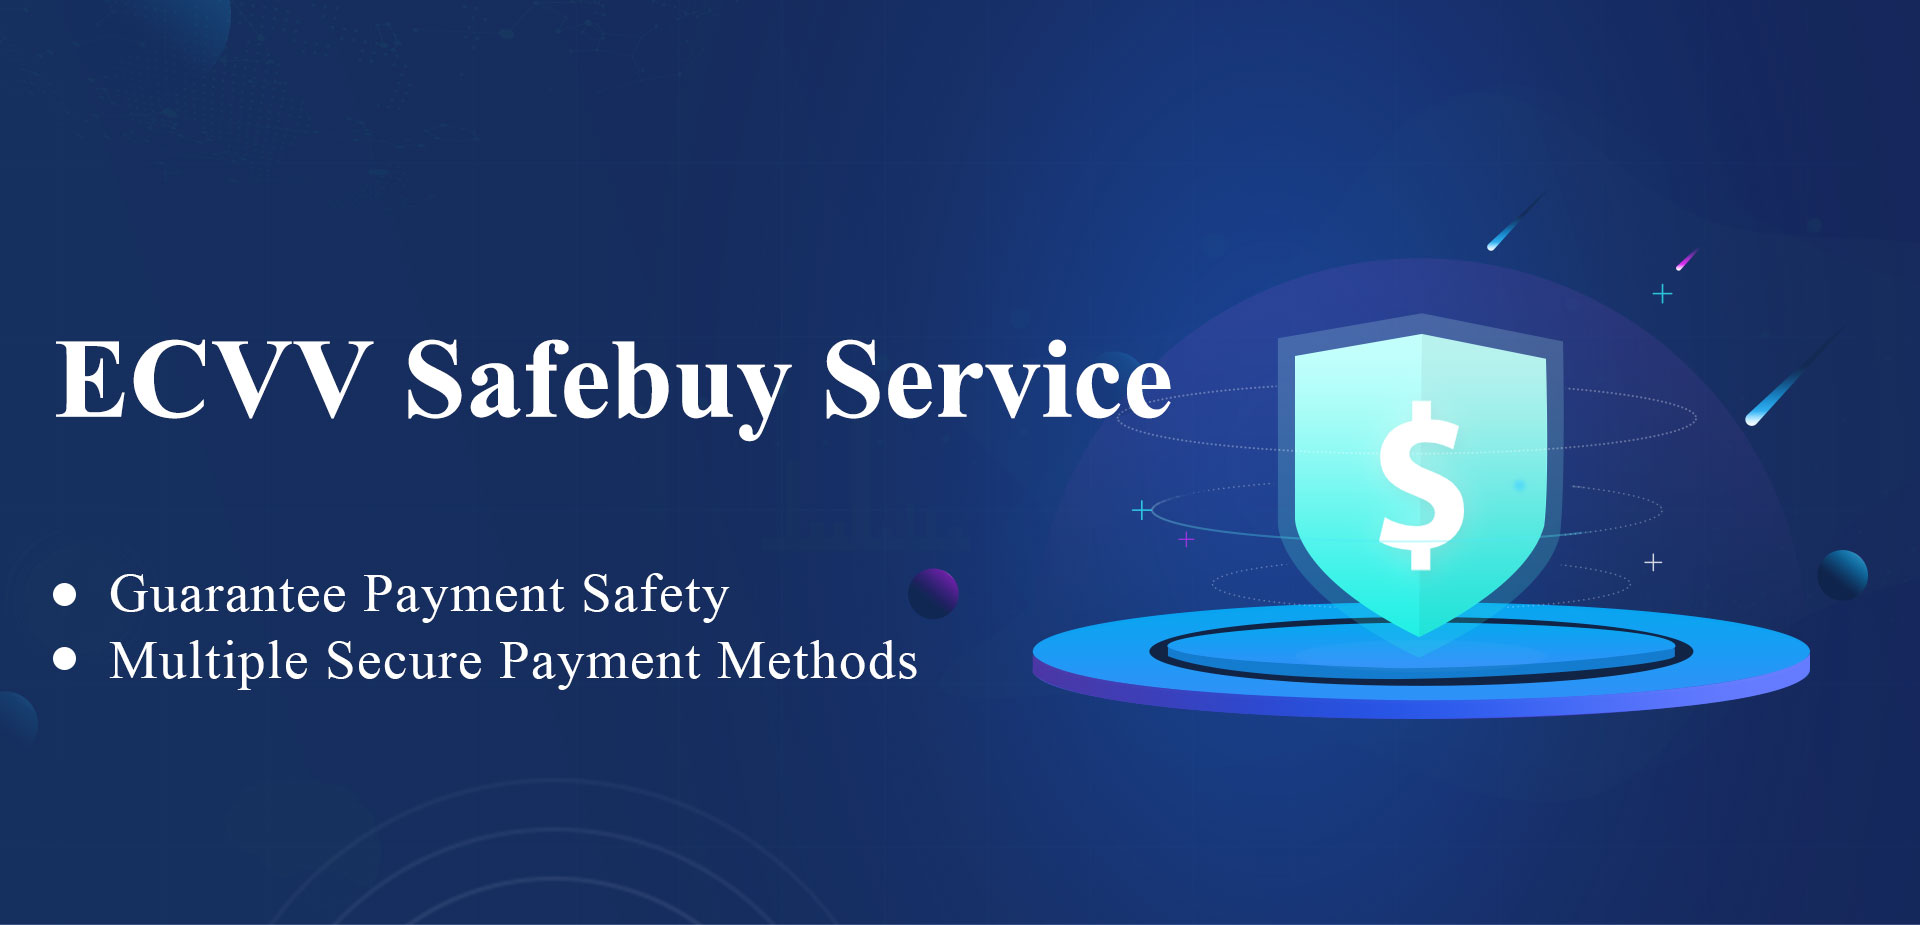 Servicio Compra Segura ECVV apunta a garantizar la seguridad de pagos para compradores extranjeros